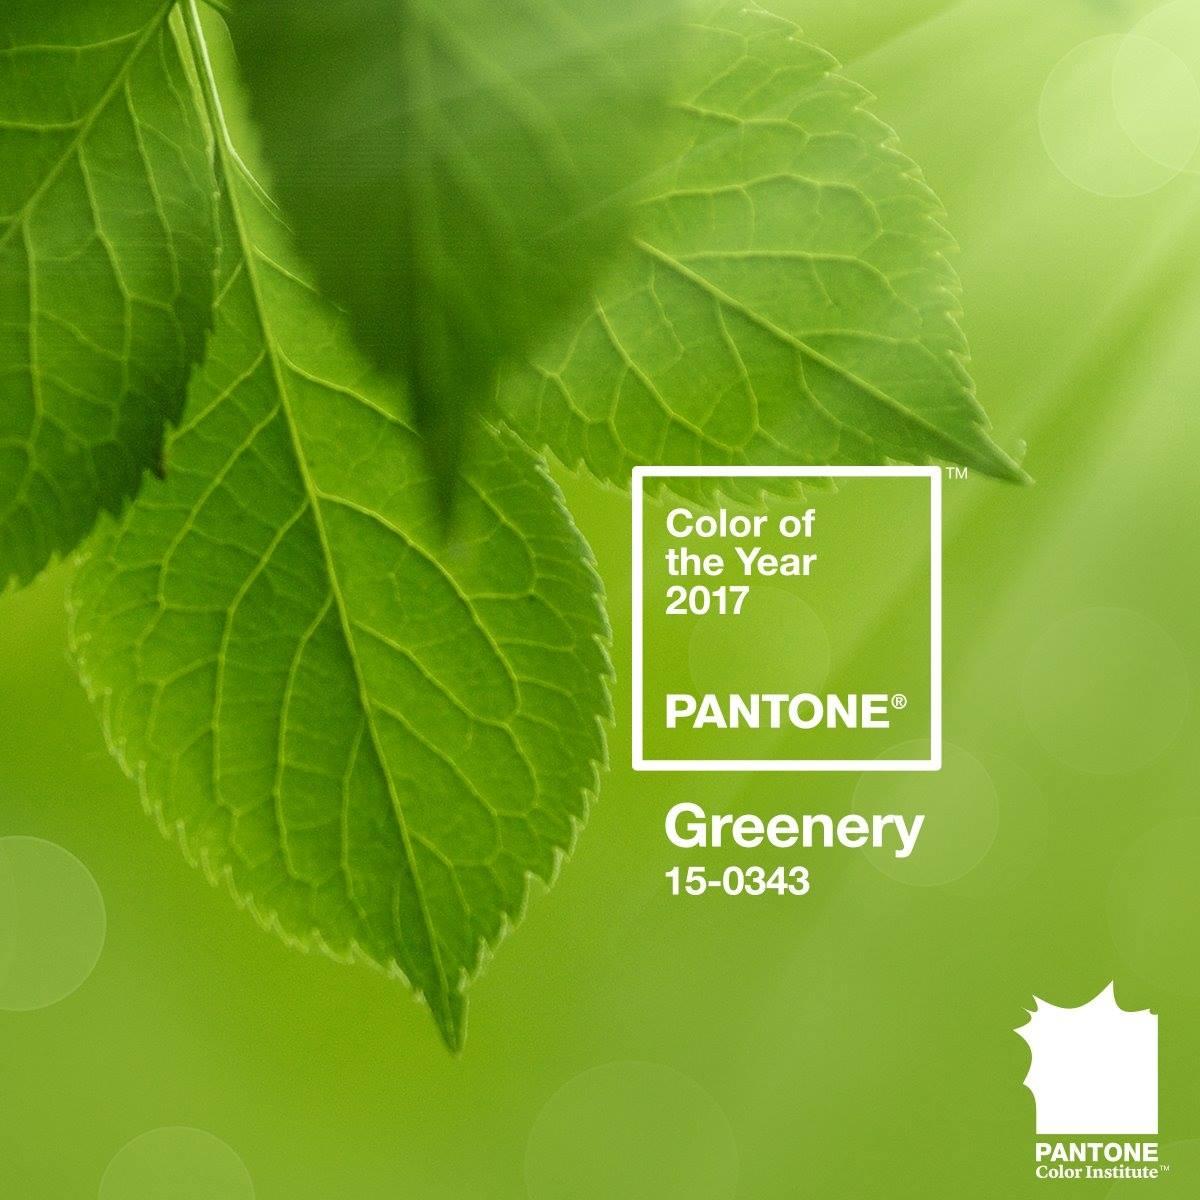 Pantone 2017'nin rengini açıkladı: Greenery! Bu yıl bolca yeşillikten bahsedeceğiz. #Pantone #Coloroftheyear #Greenery https://t.co/p02Rlu79iE